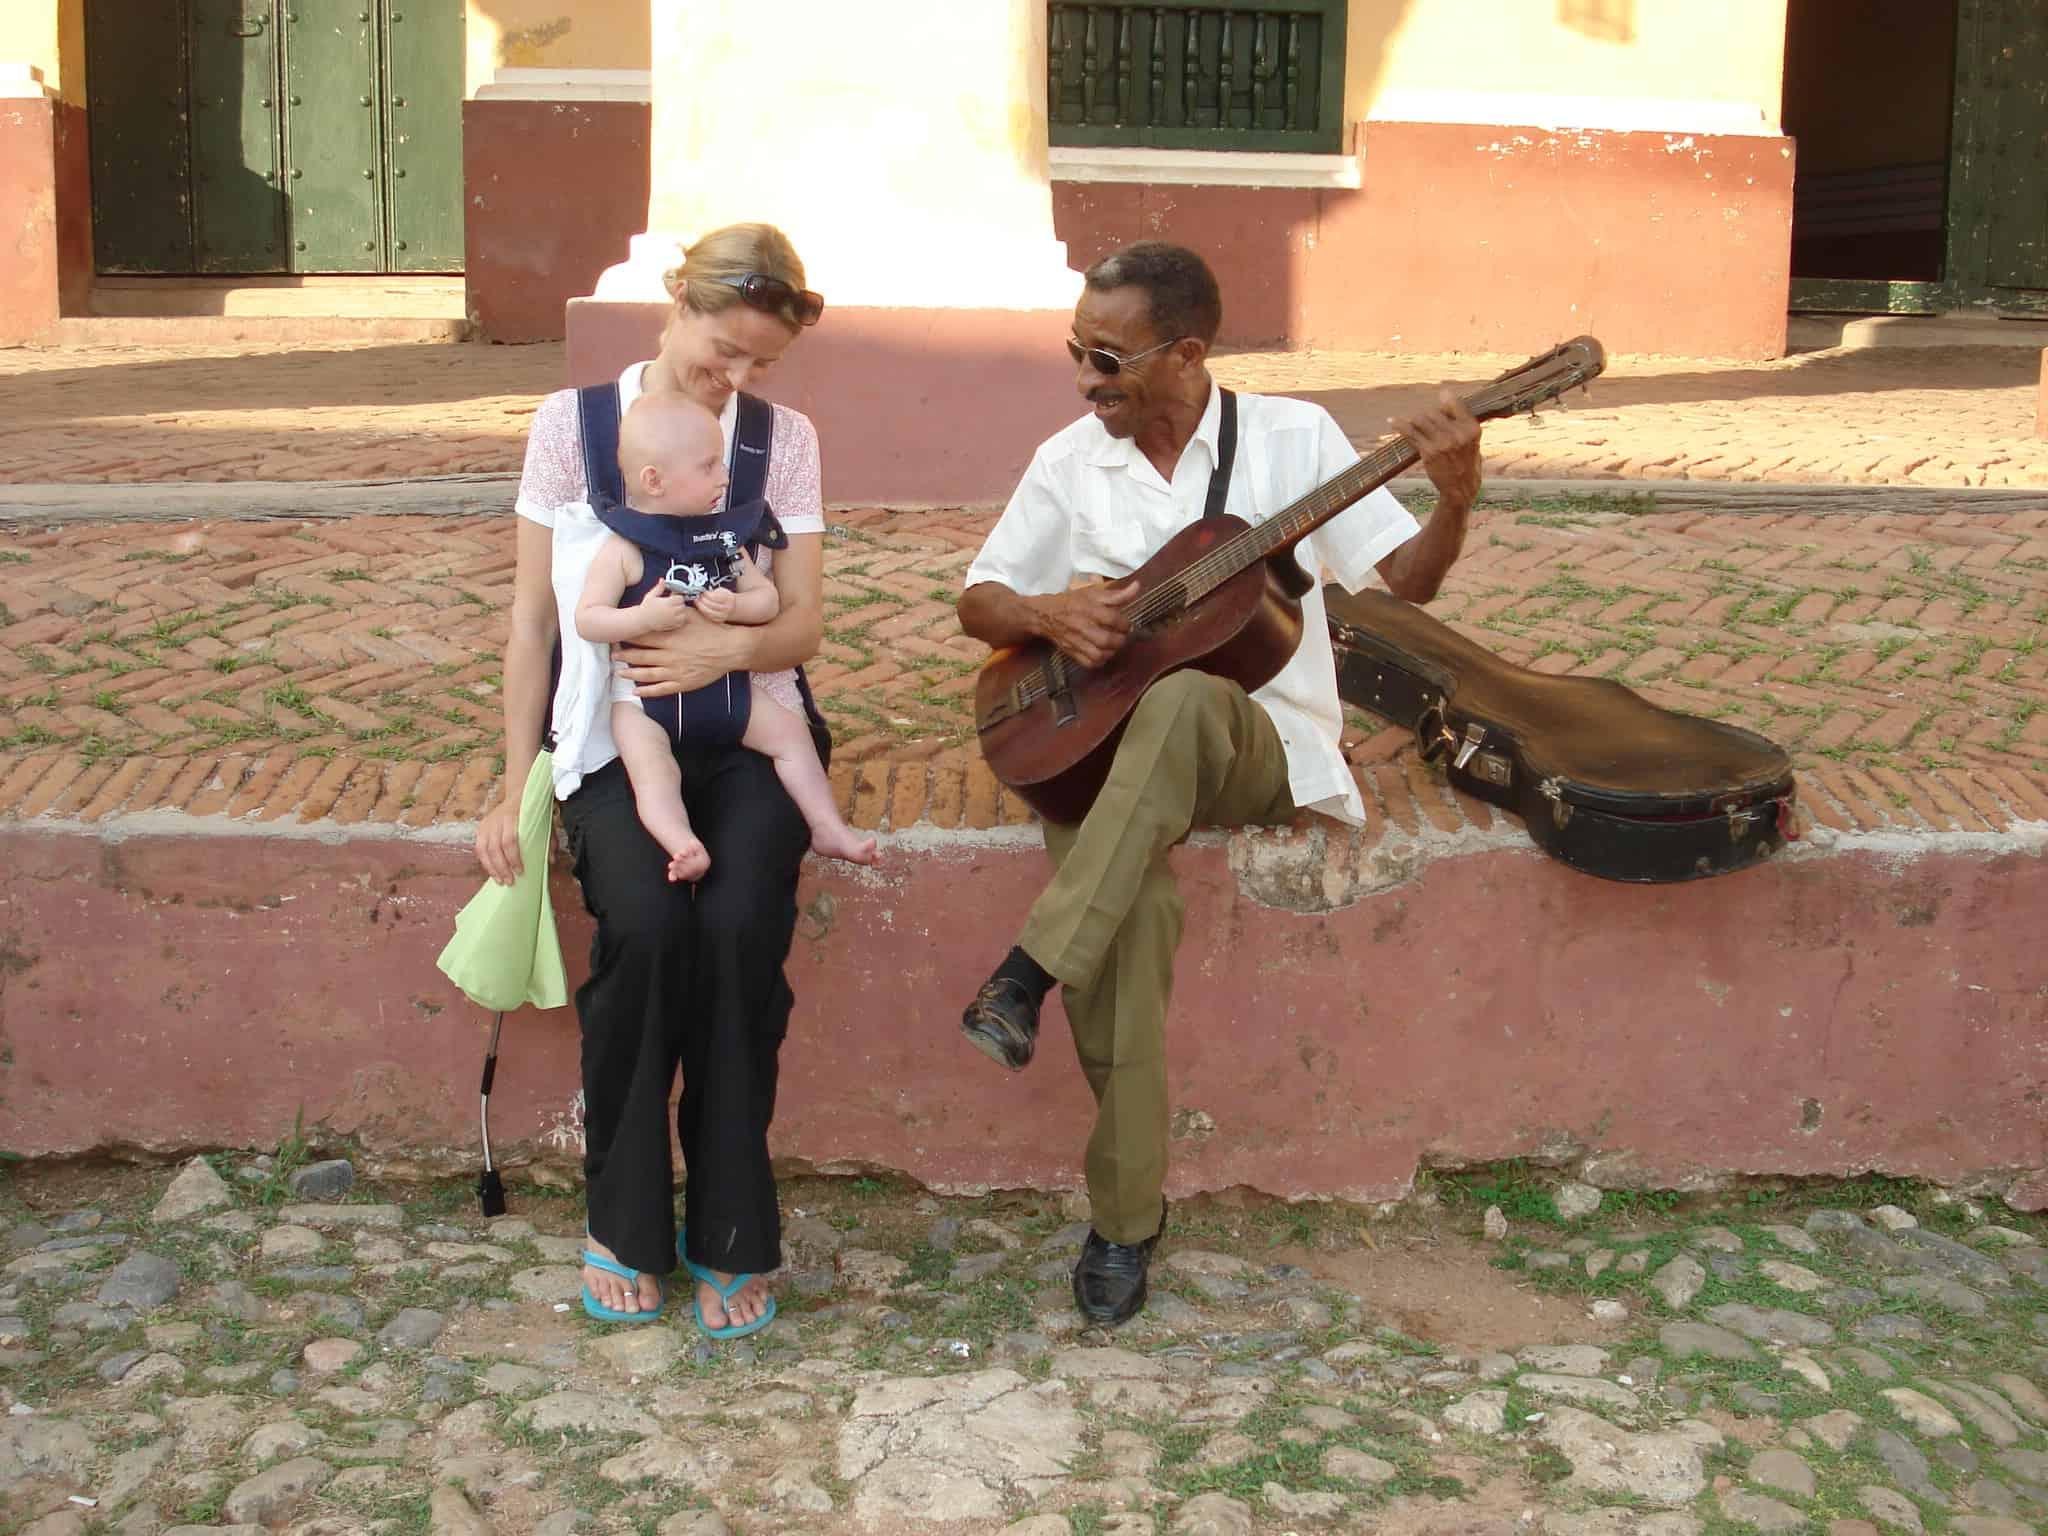 Cuba (foto udlånt af forstadsnomade.dk)